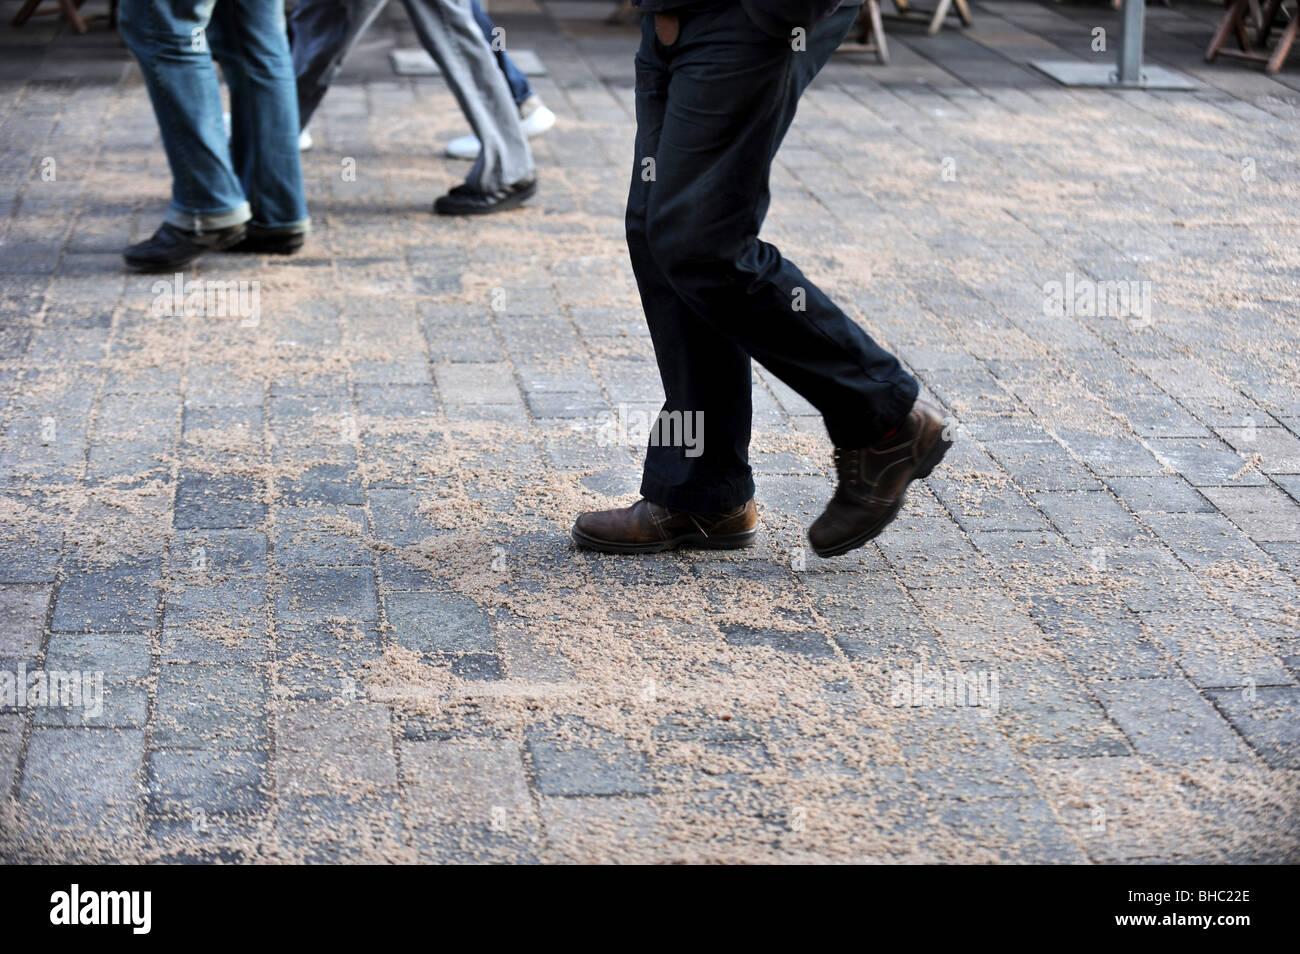 Menschen zu Fuß auf einem vor kurzem zusammengebissenen Pflaster Stockbild